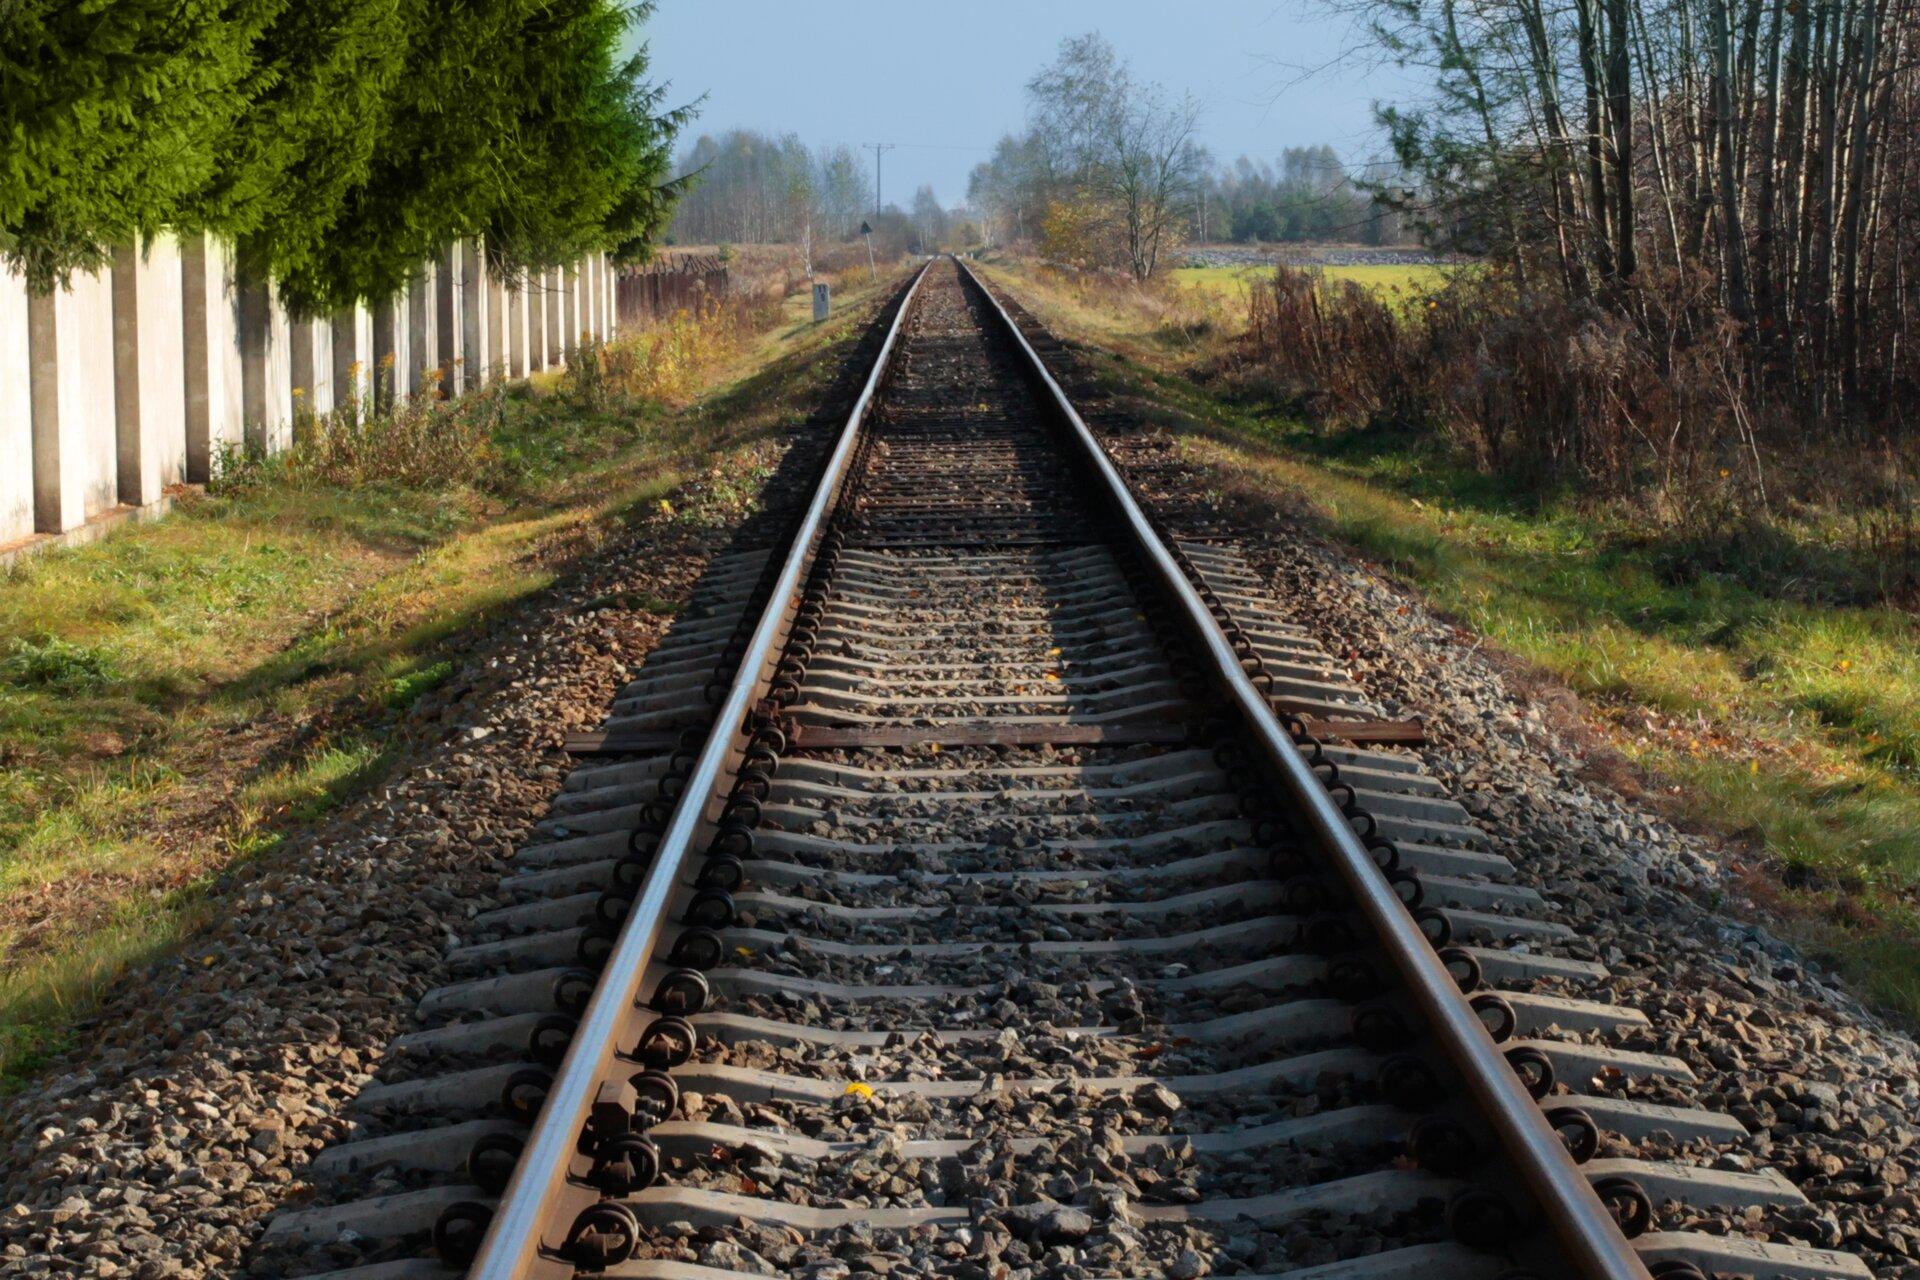 Zdjęcie torów kolejowych.